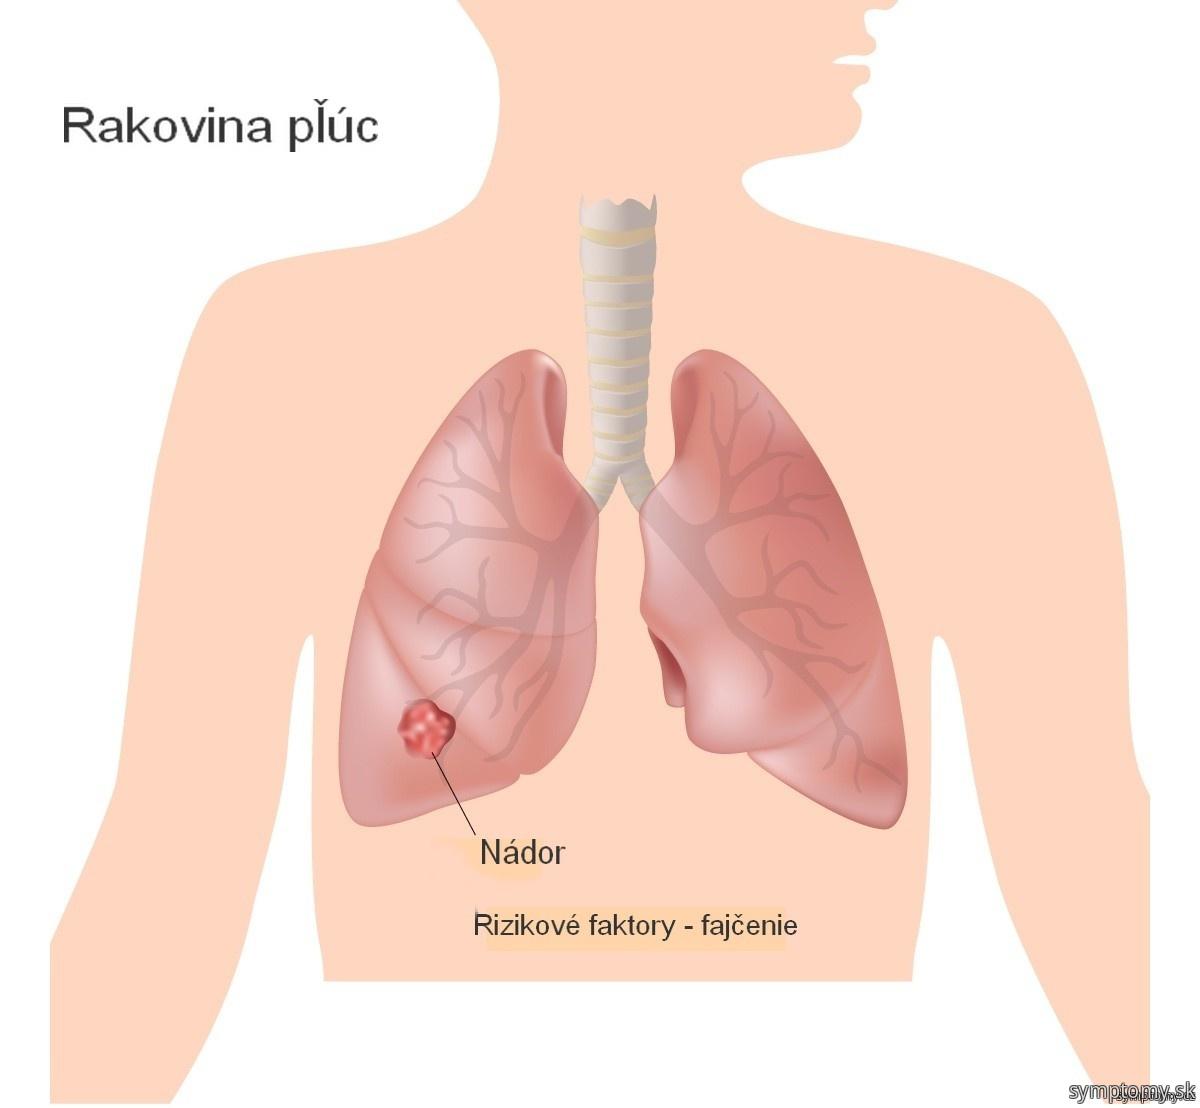 Rakovina plúc